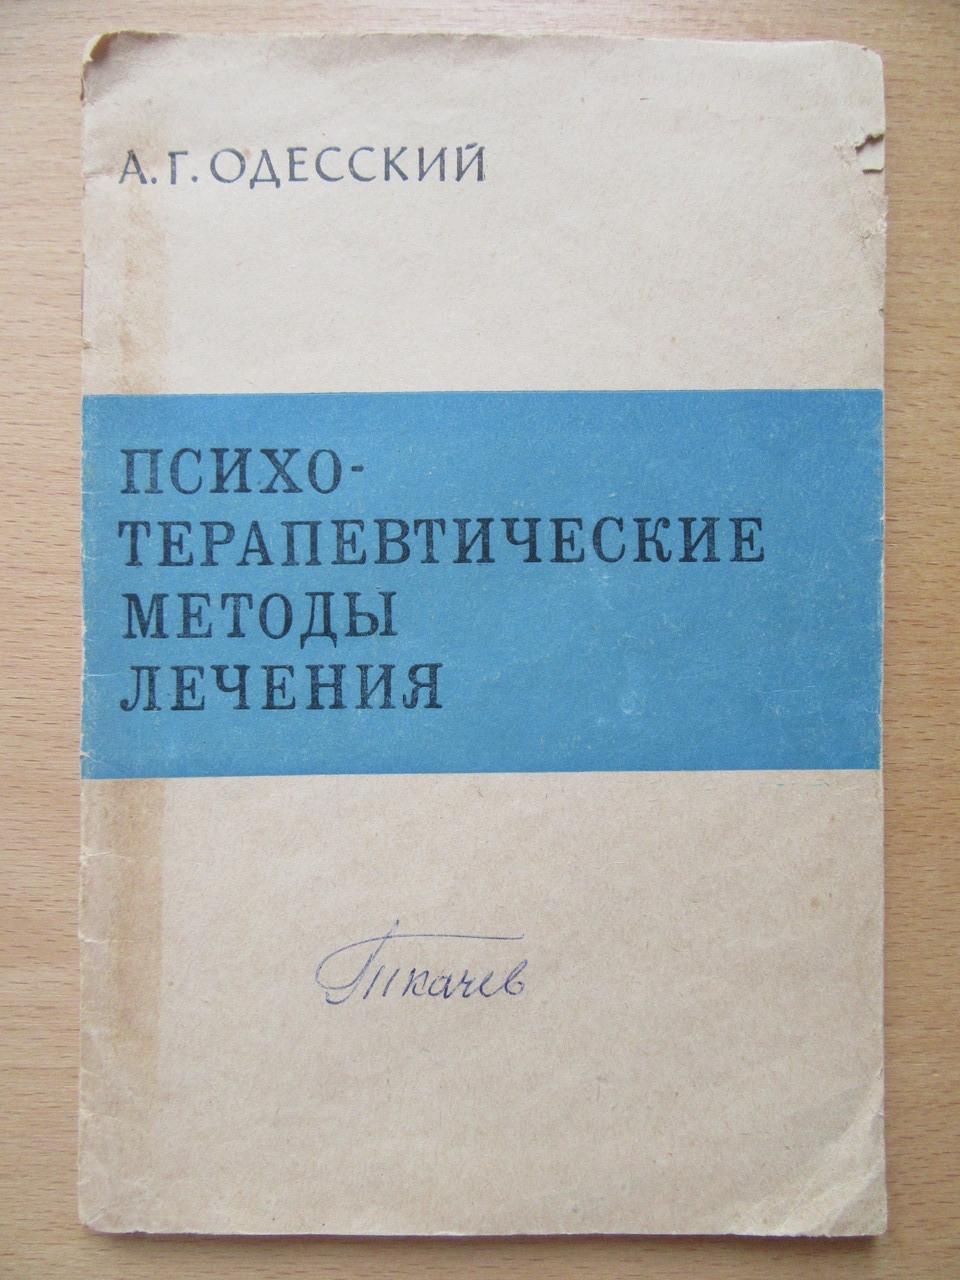 А.Г.Одесский. Психо-терапевтические методы лечения